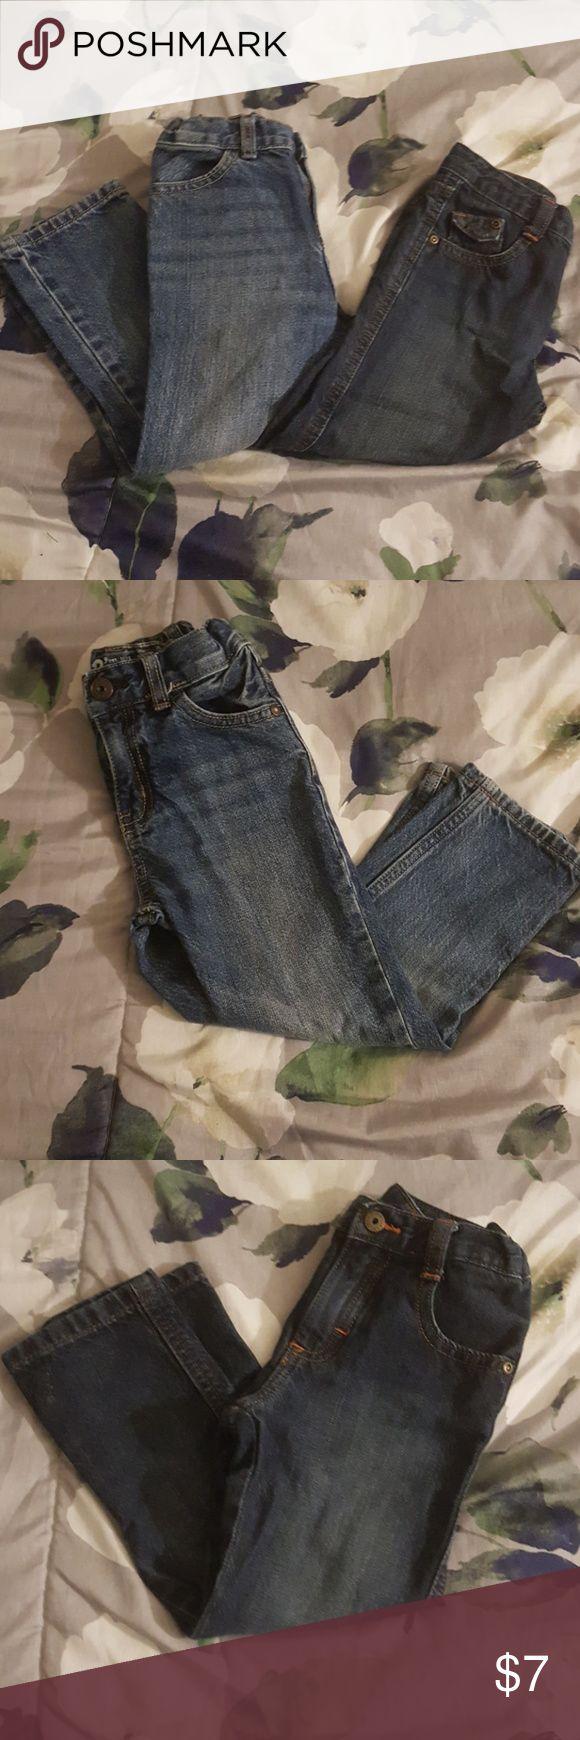 2 Pair of Boy's Denim Jeans Light and Dark denim jeans. Dark denim has Orange stitching. Both jeans have adjustable waist. Bottoms Jeans